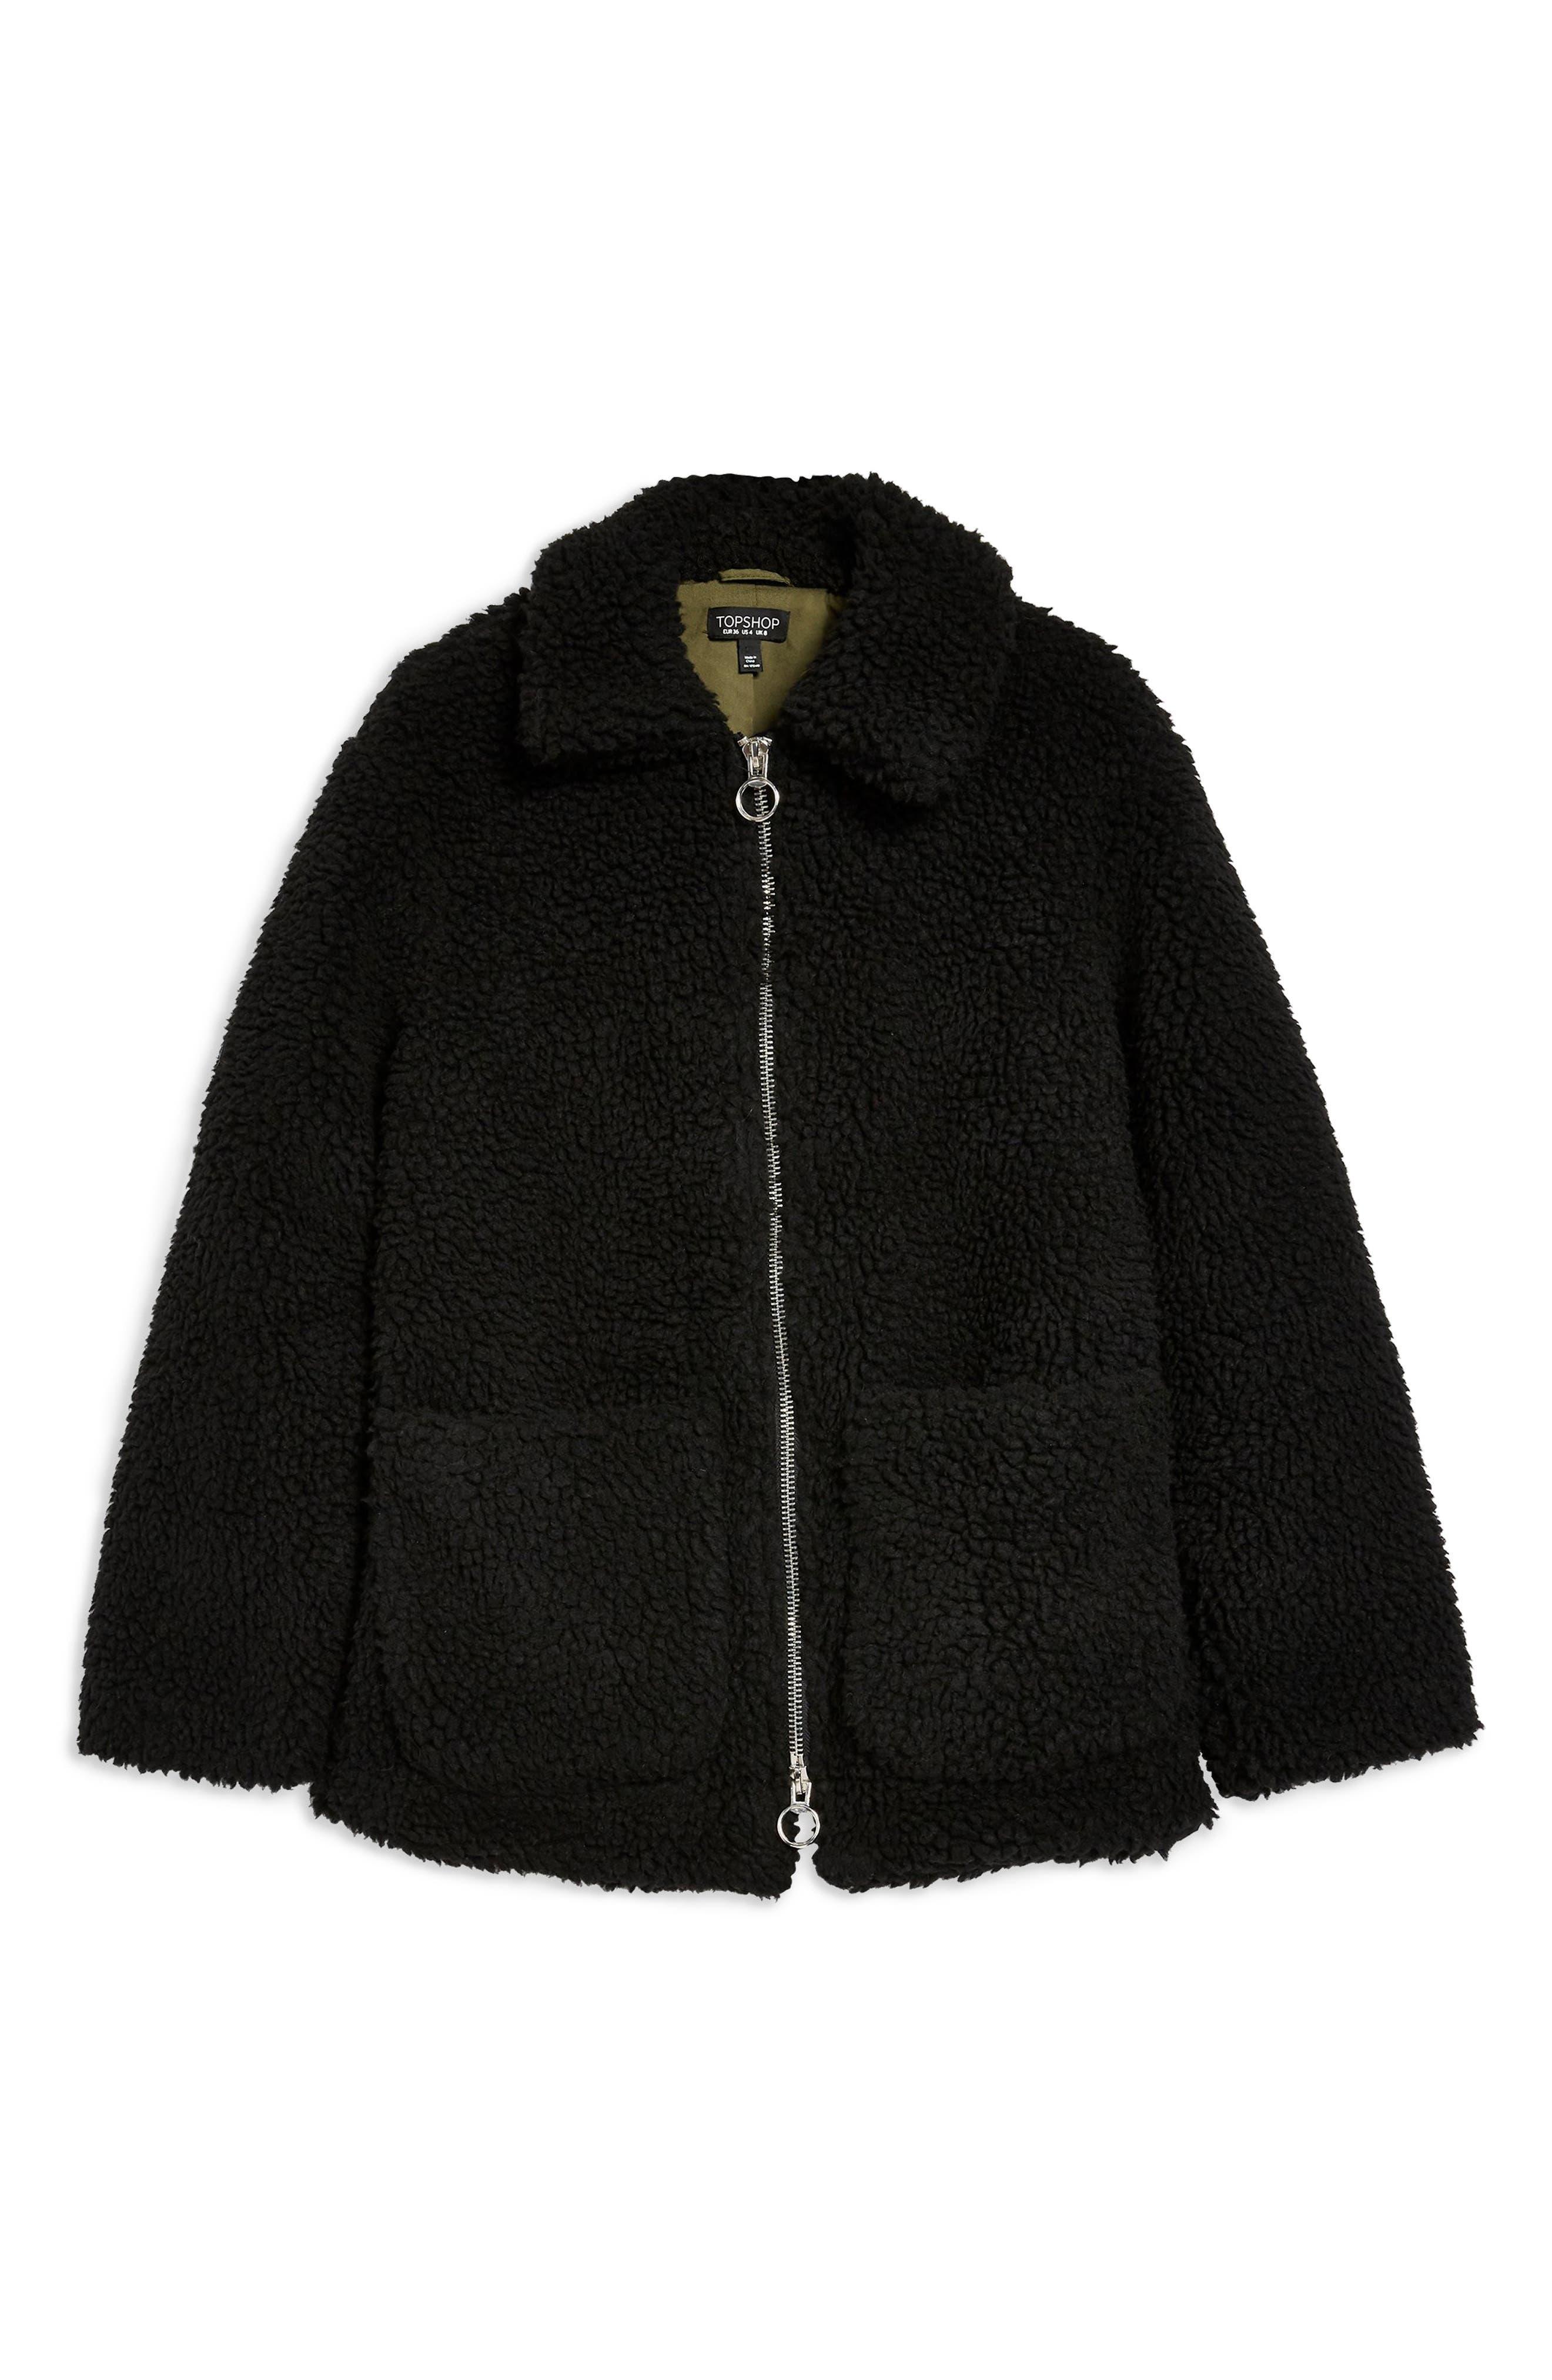 Borg Jacket,                             Alternate thumbnail 6, color,                             BLACK